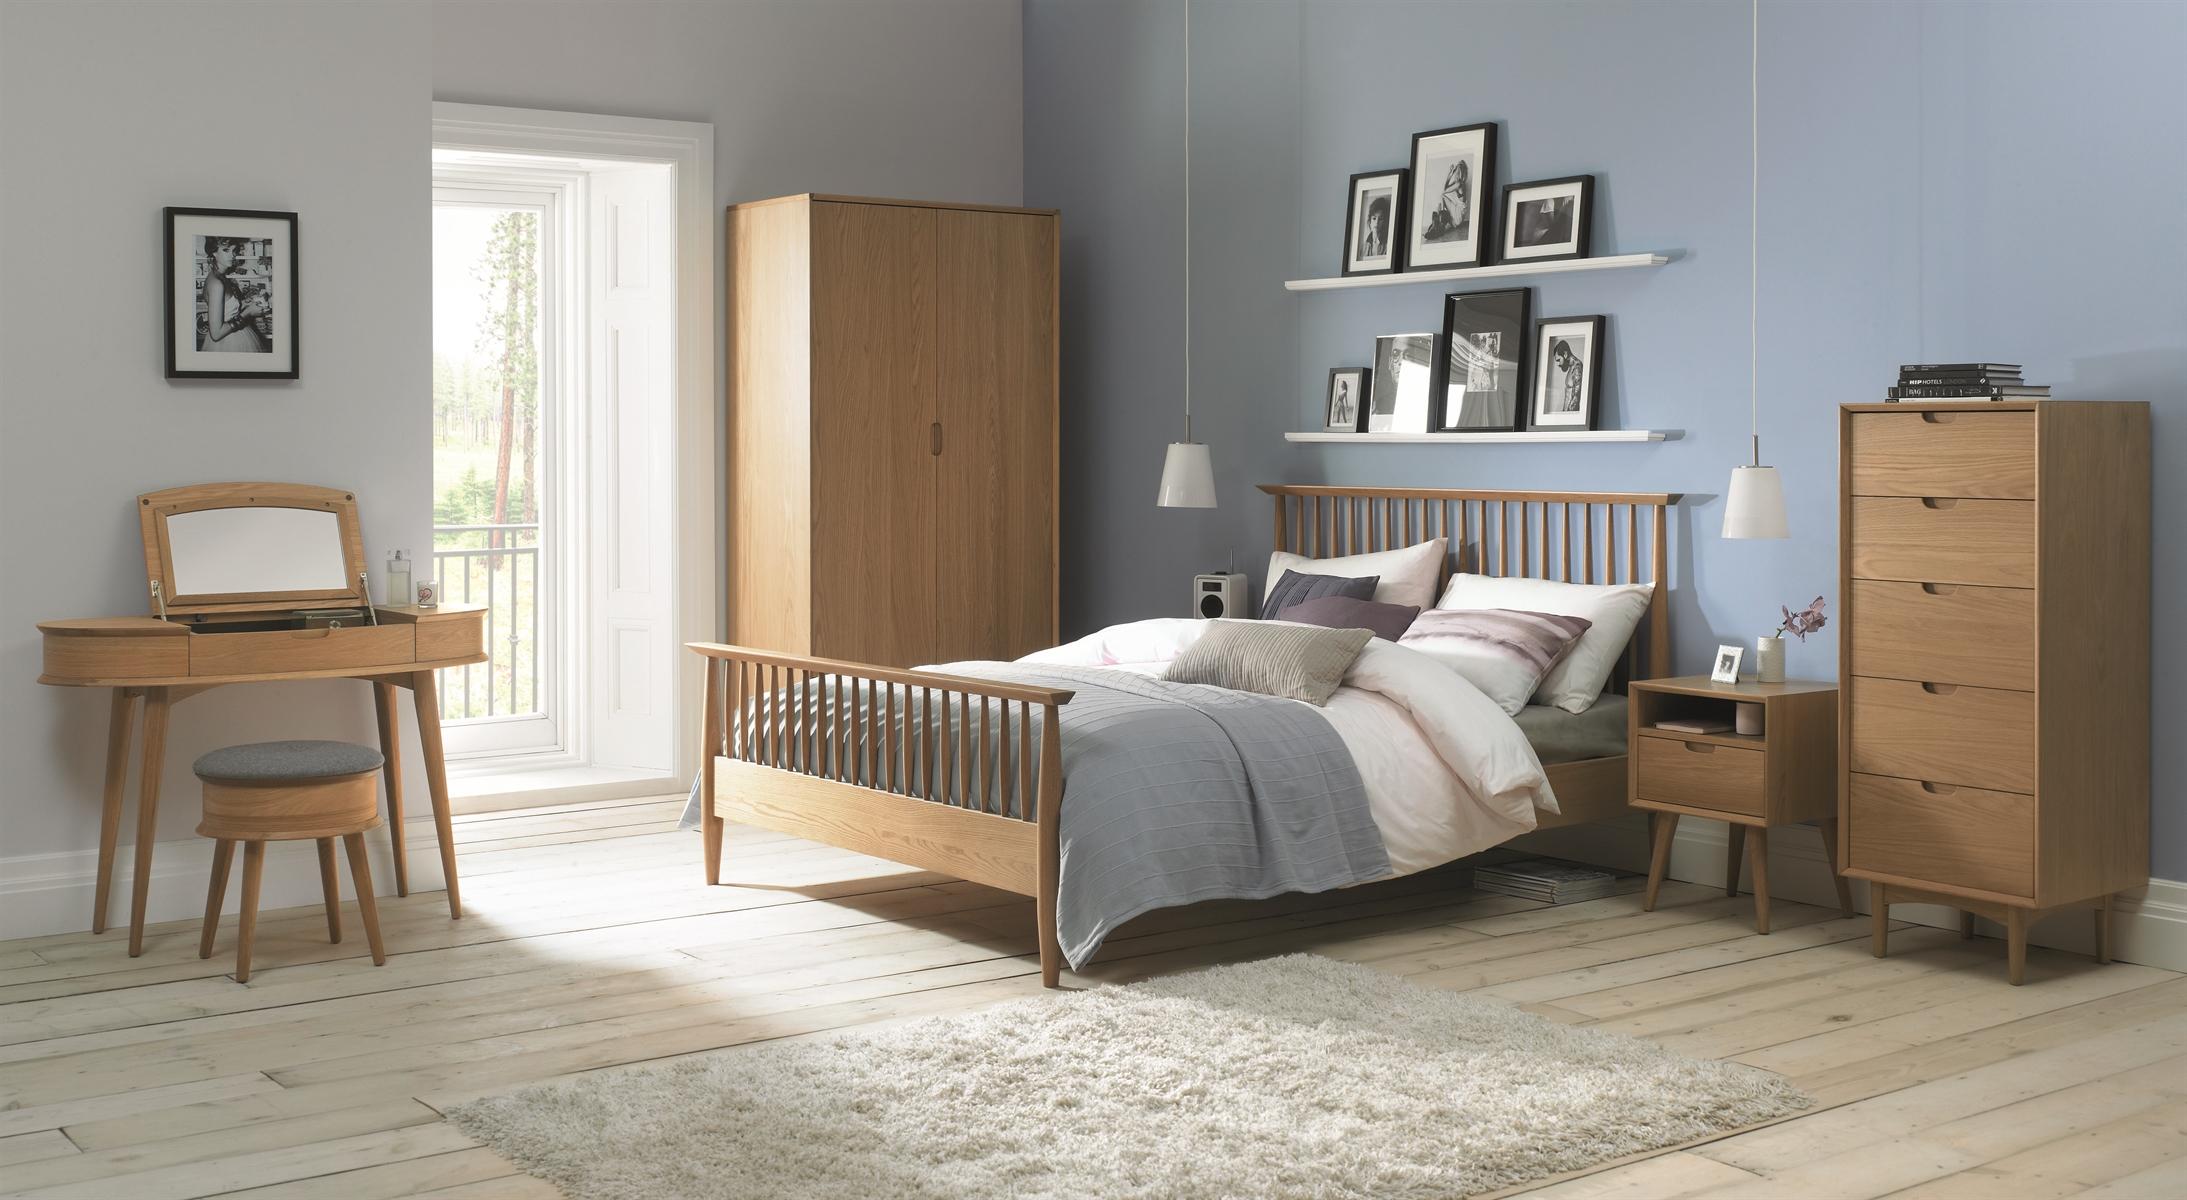 Bemtley design orbit oak bedroom